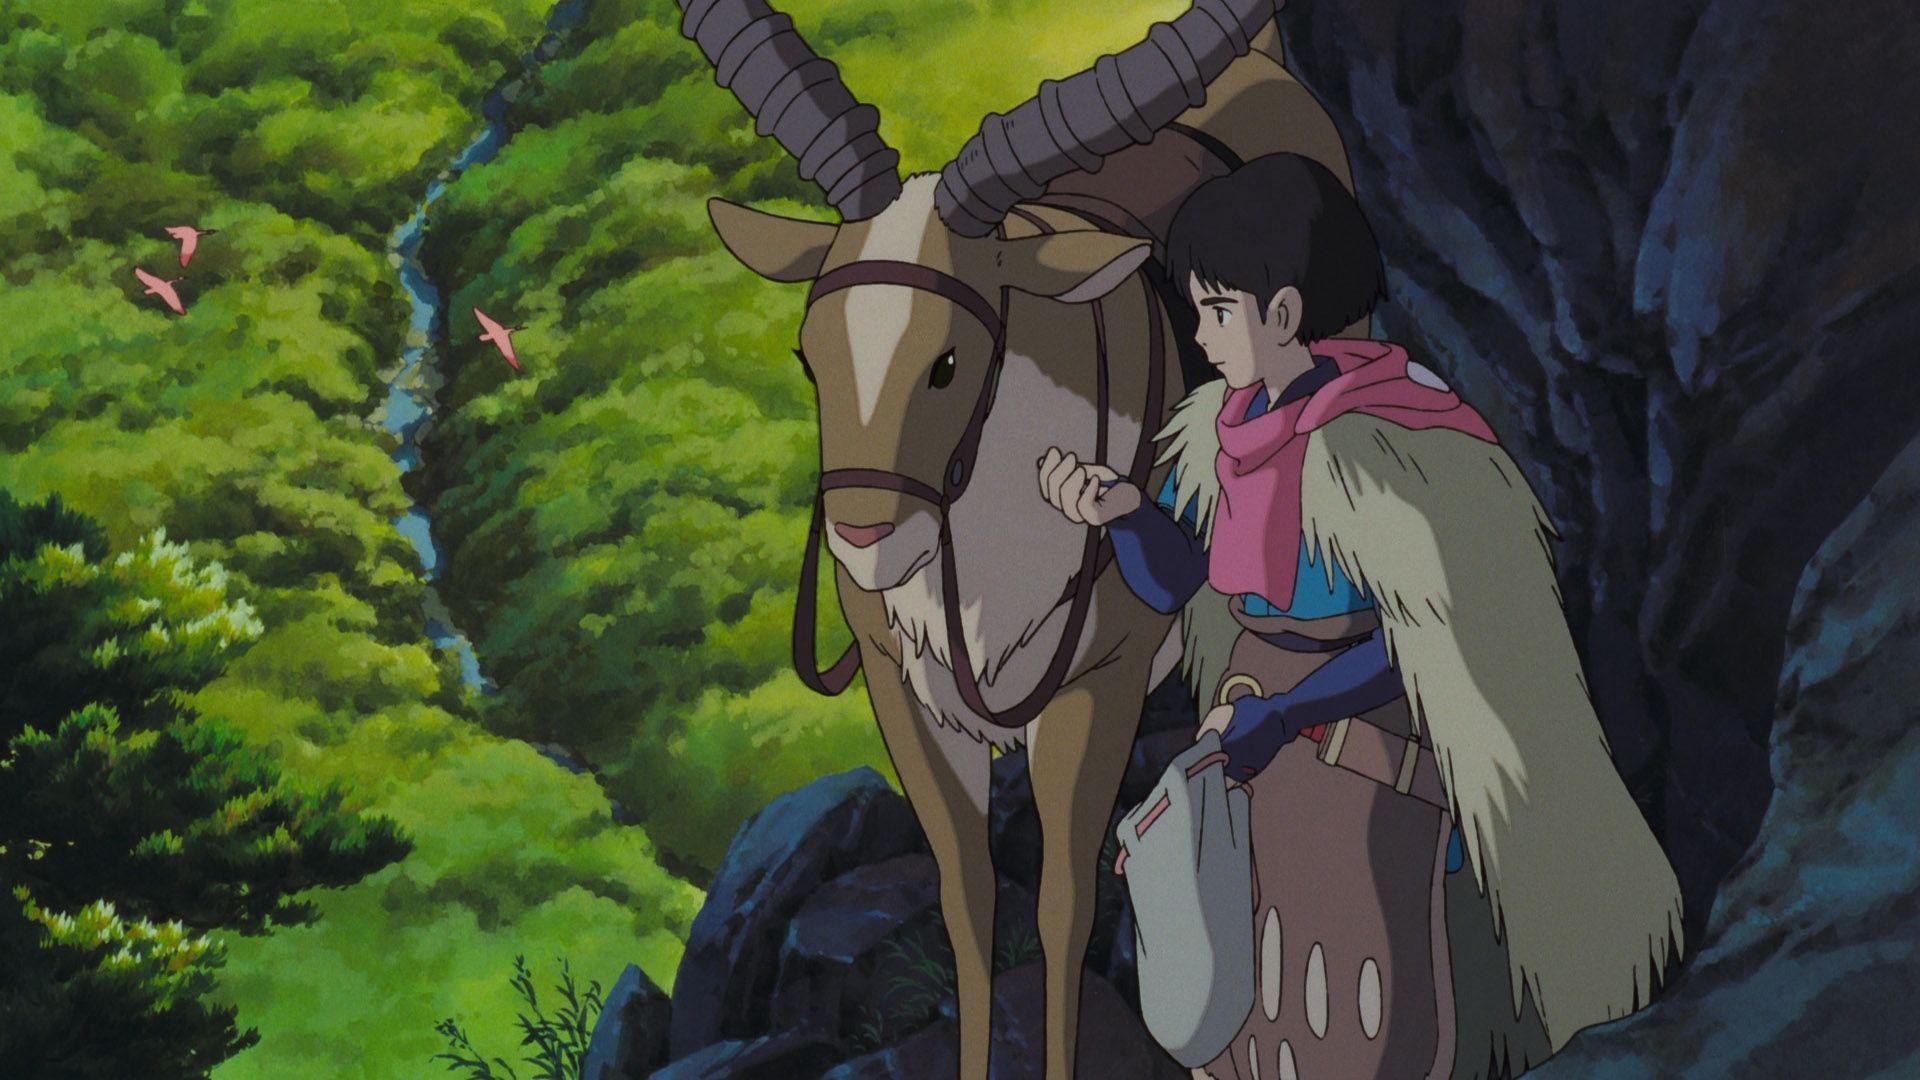 Ashitaka Princess Mononoke Wallpaper 48 実写 アニメ スタジオジブリ もののけ姫